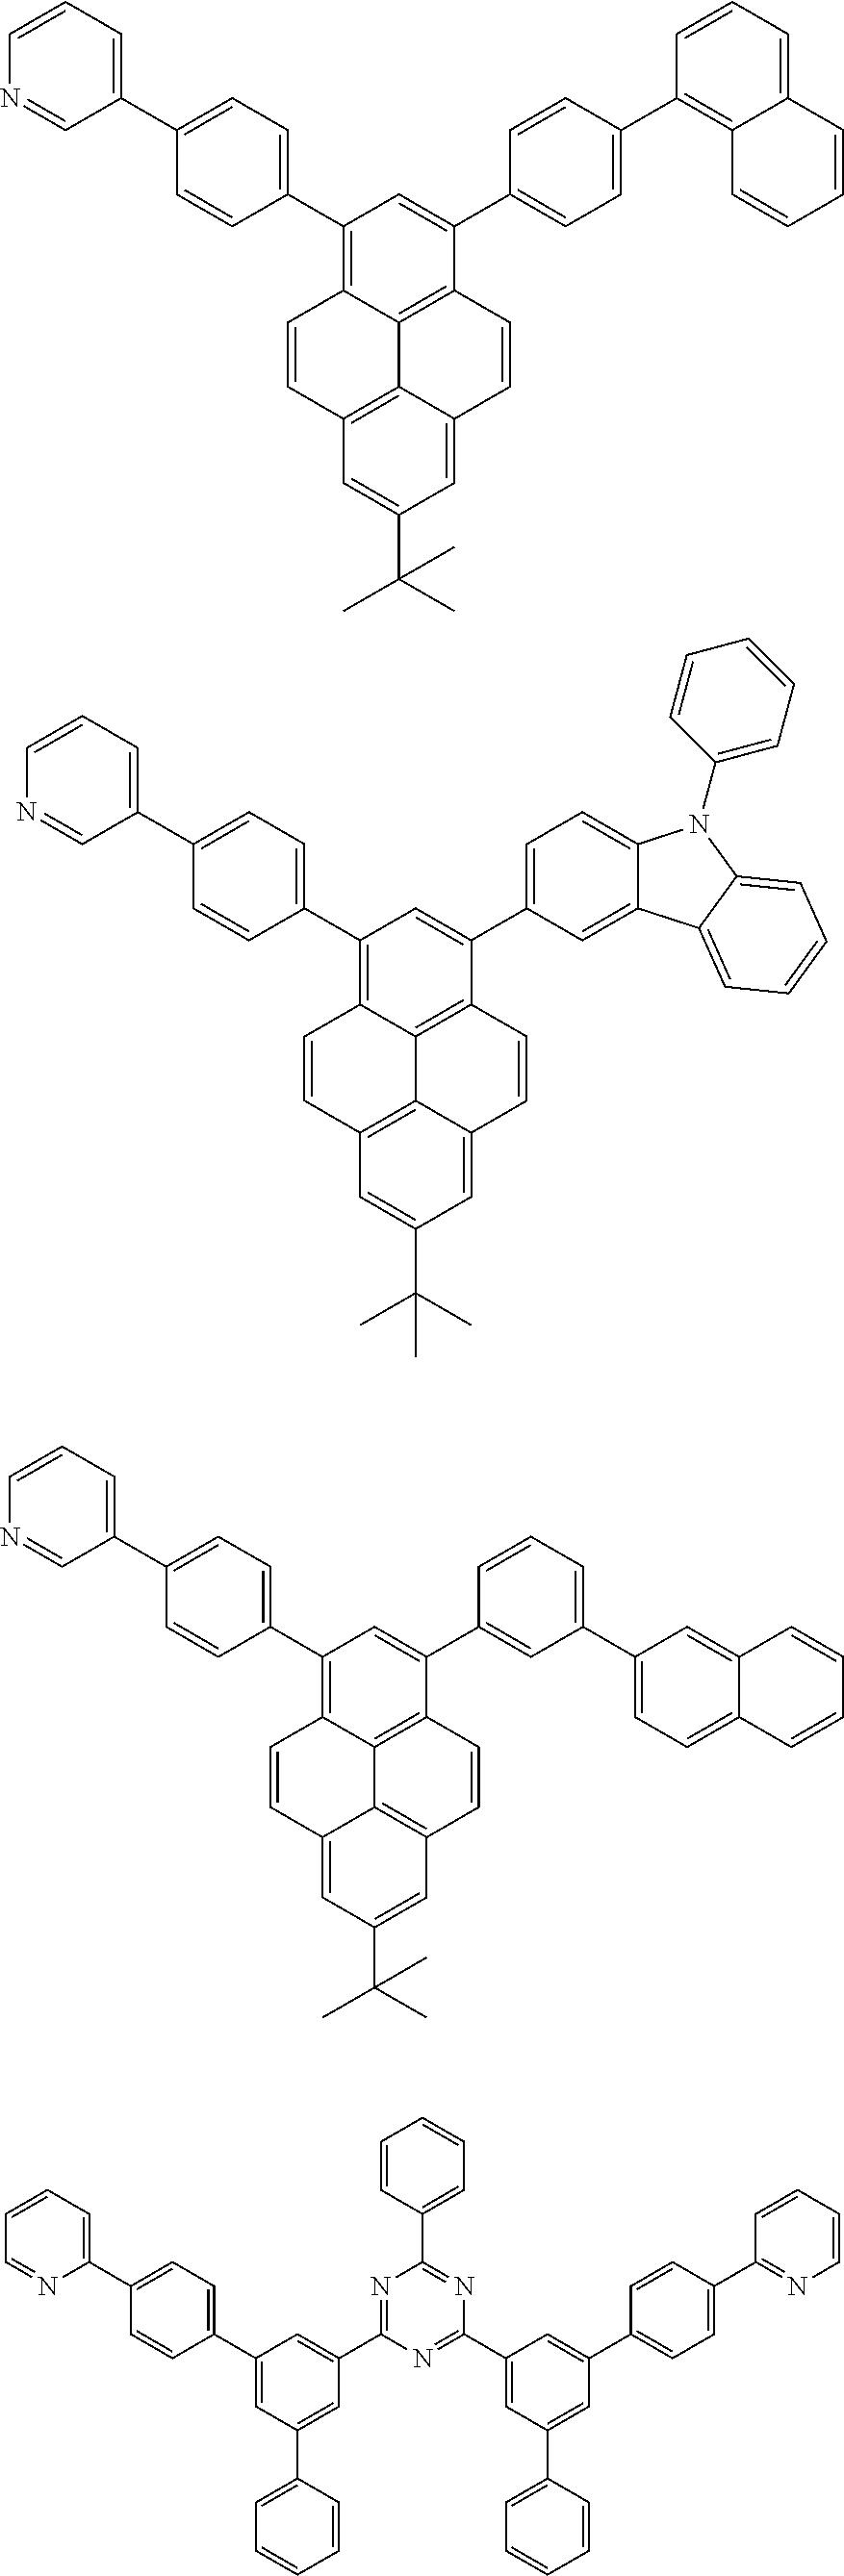 Figure US20150280139A1-20151001-C00130